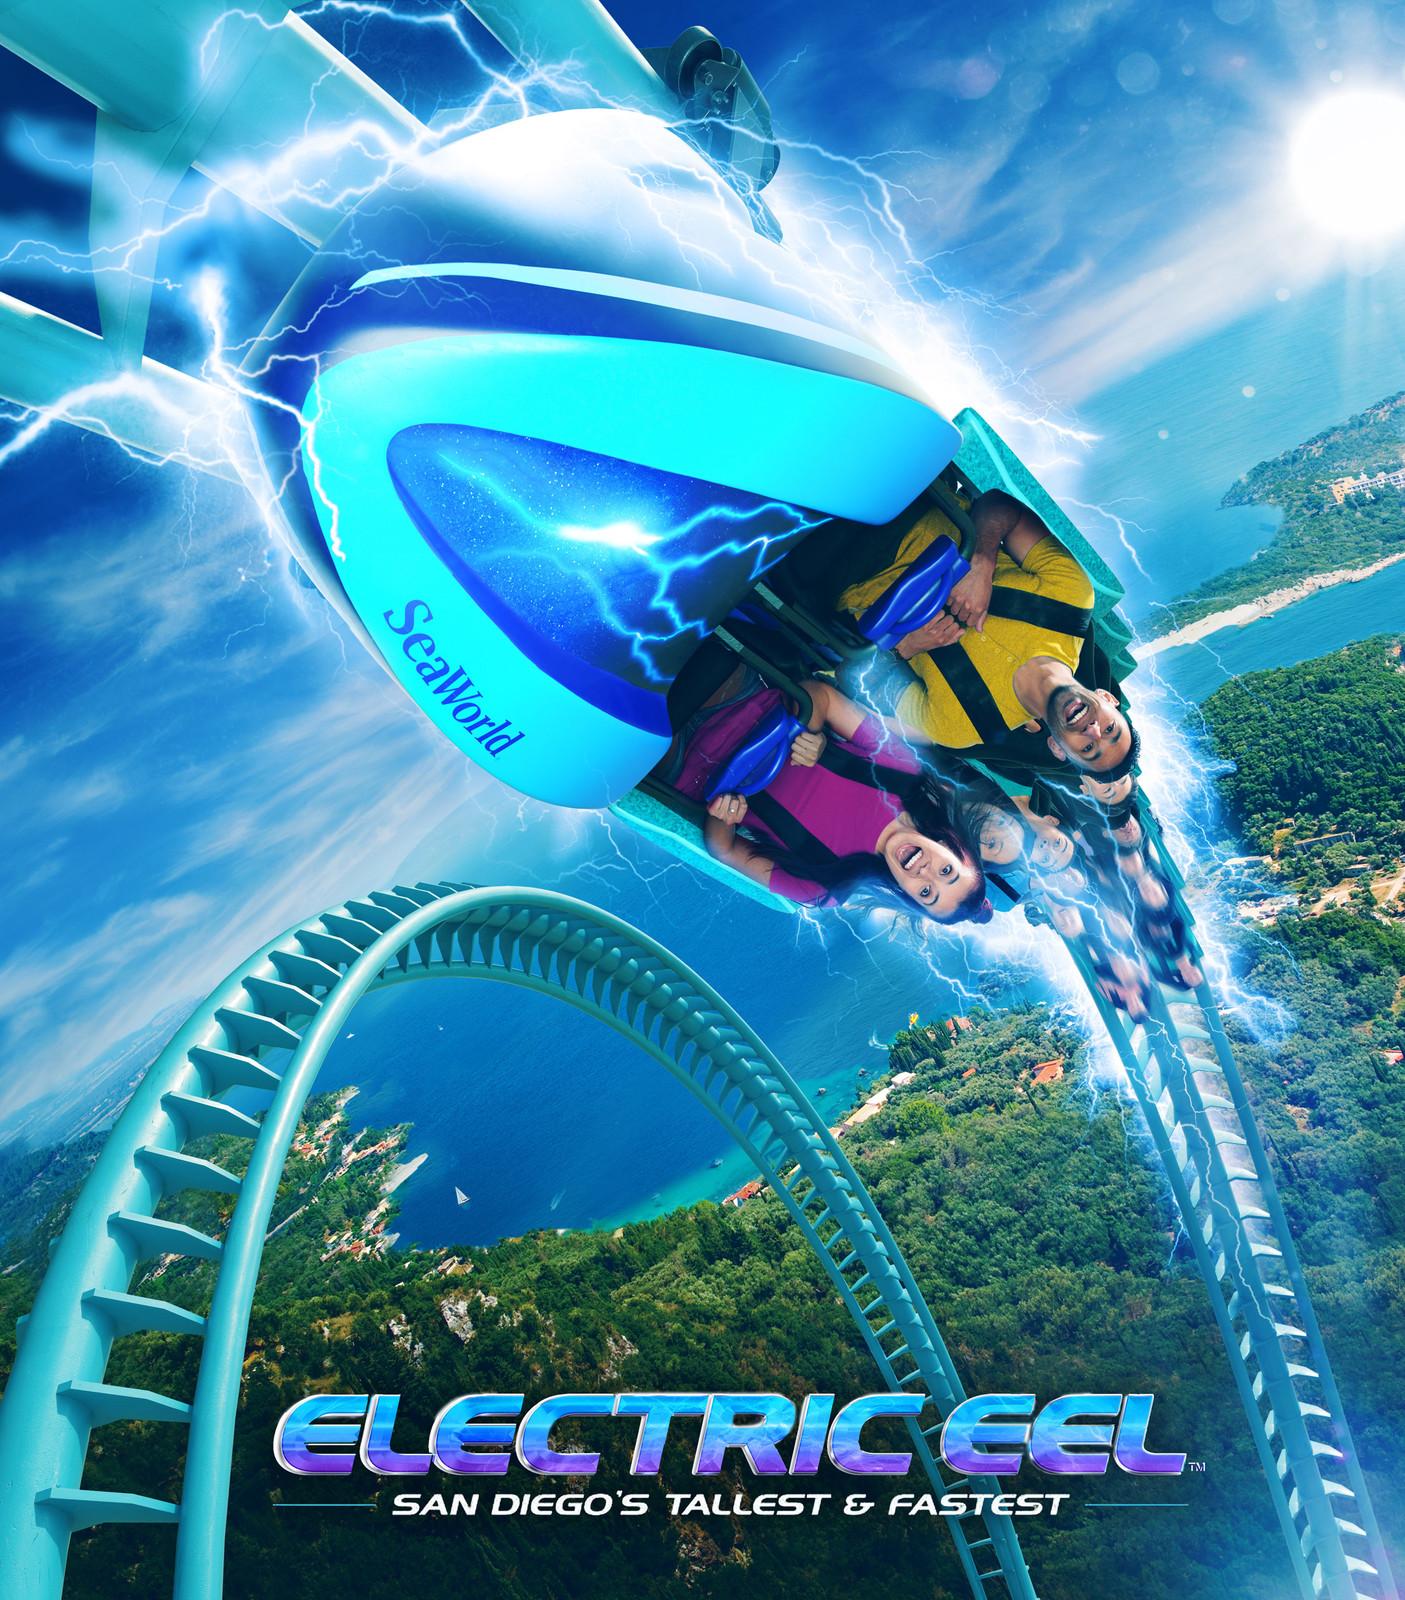 Seaworld: Electric Eel